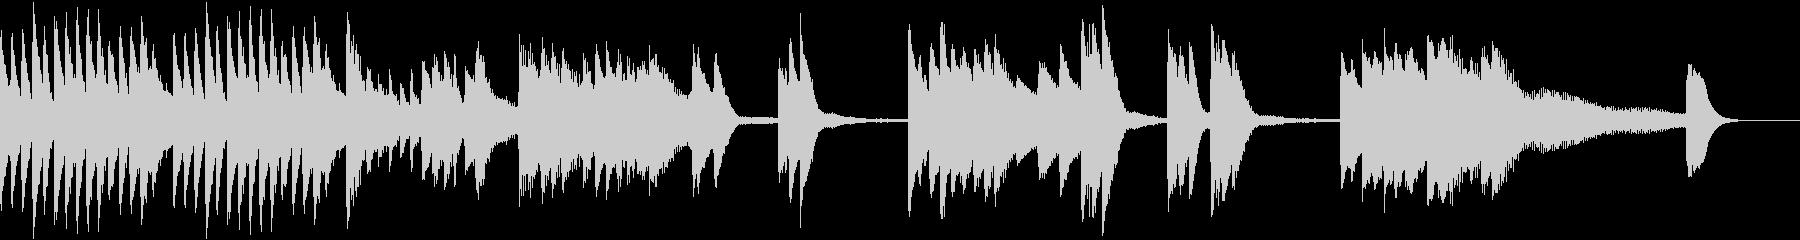 花火の燃える様を描いた夏のピアノジングルの未再生の波形